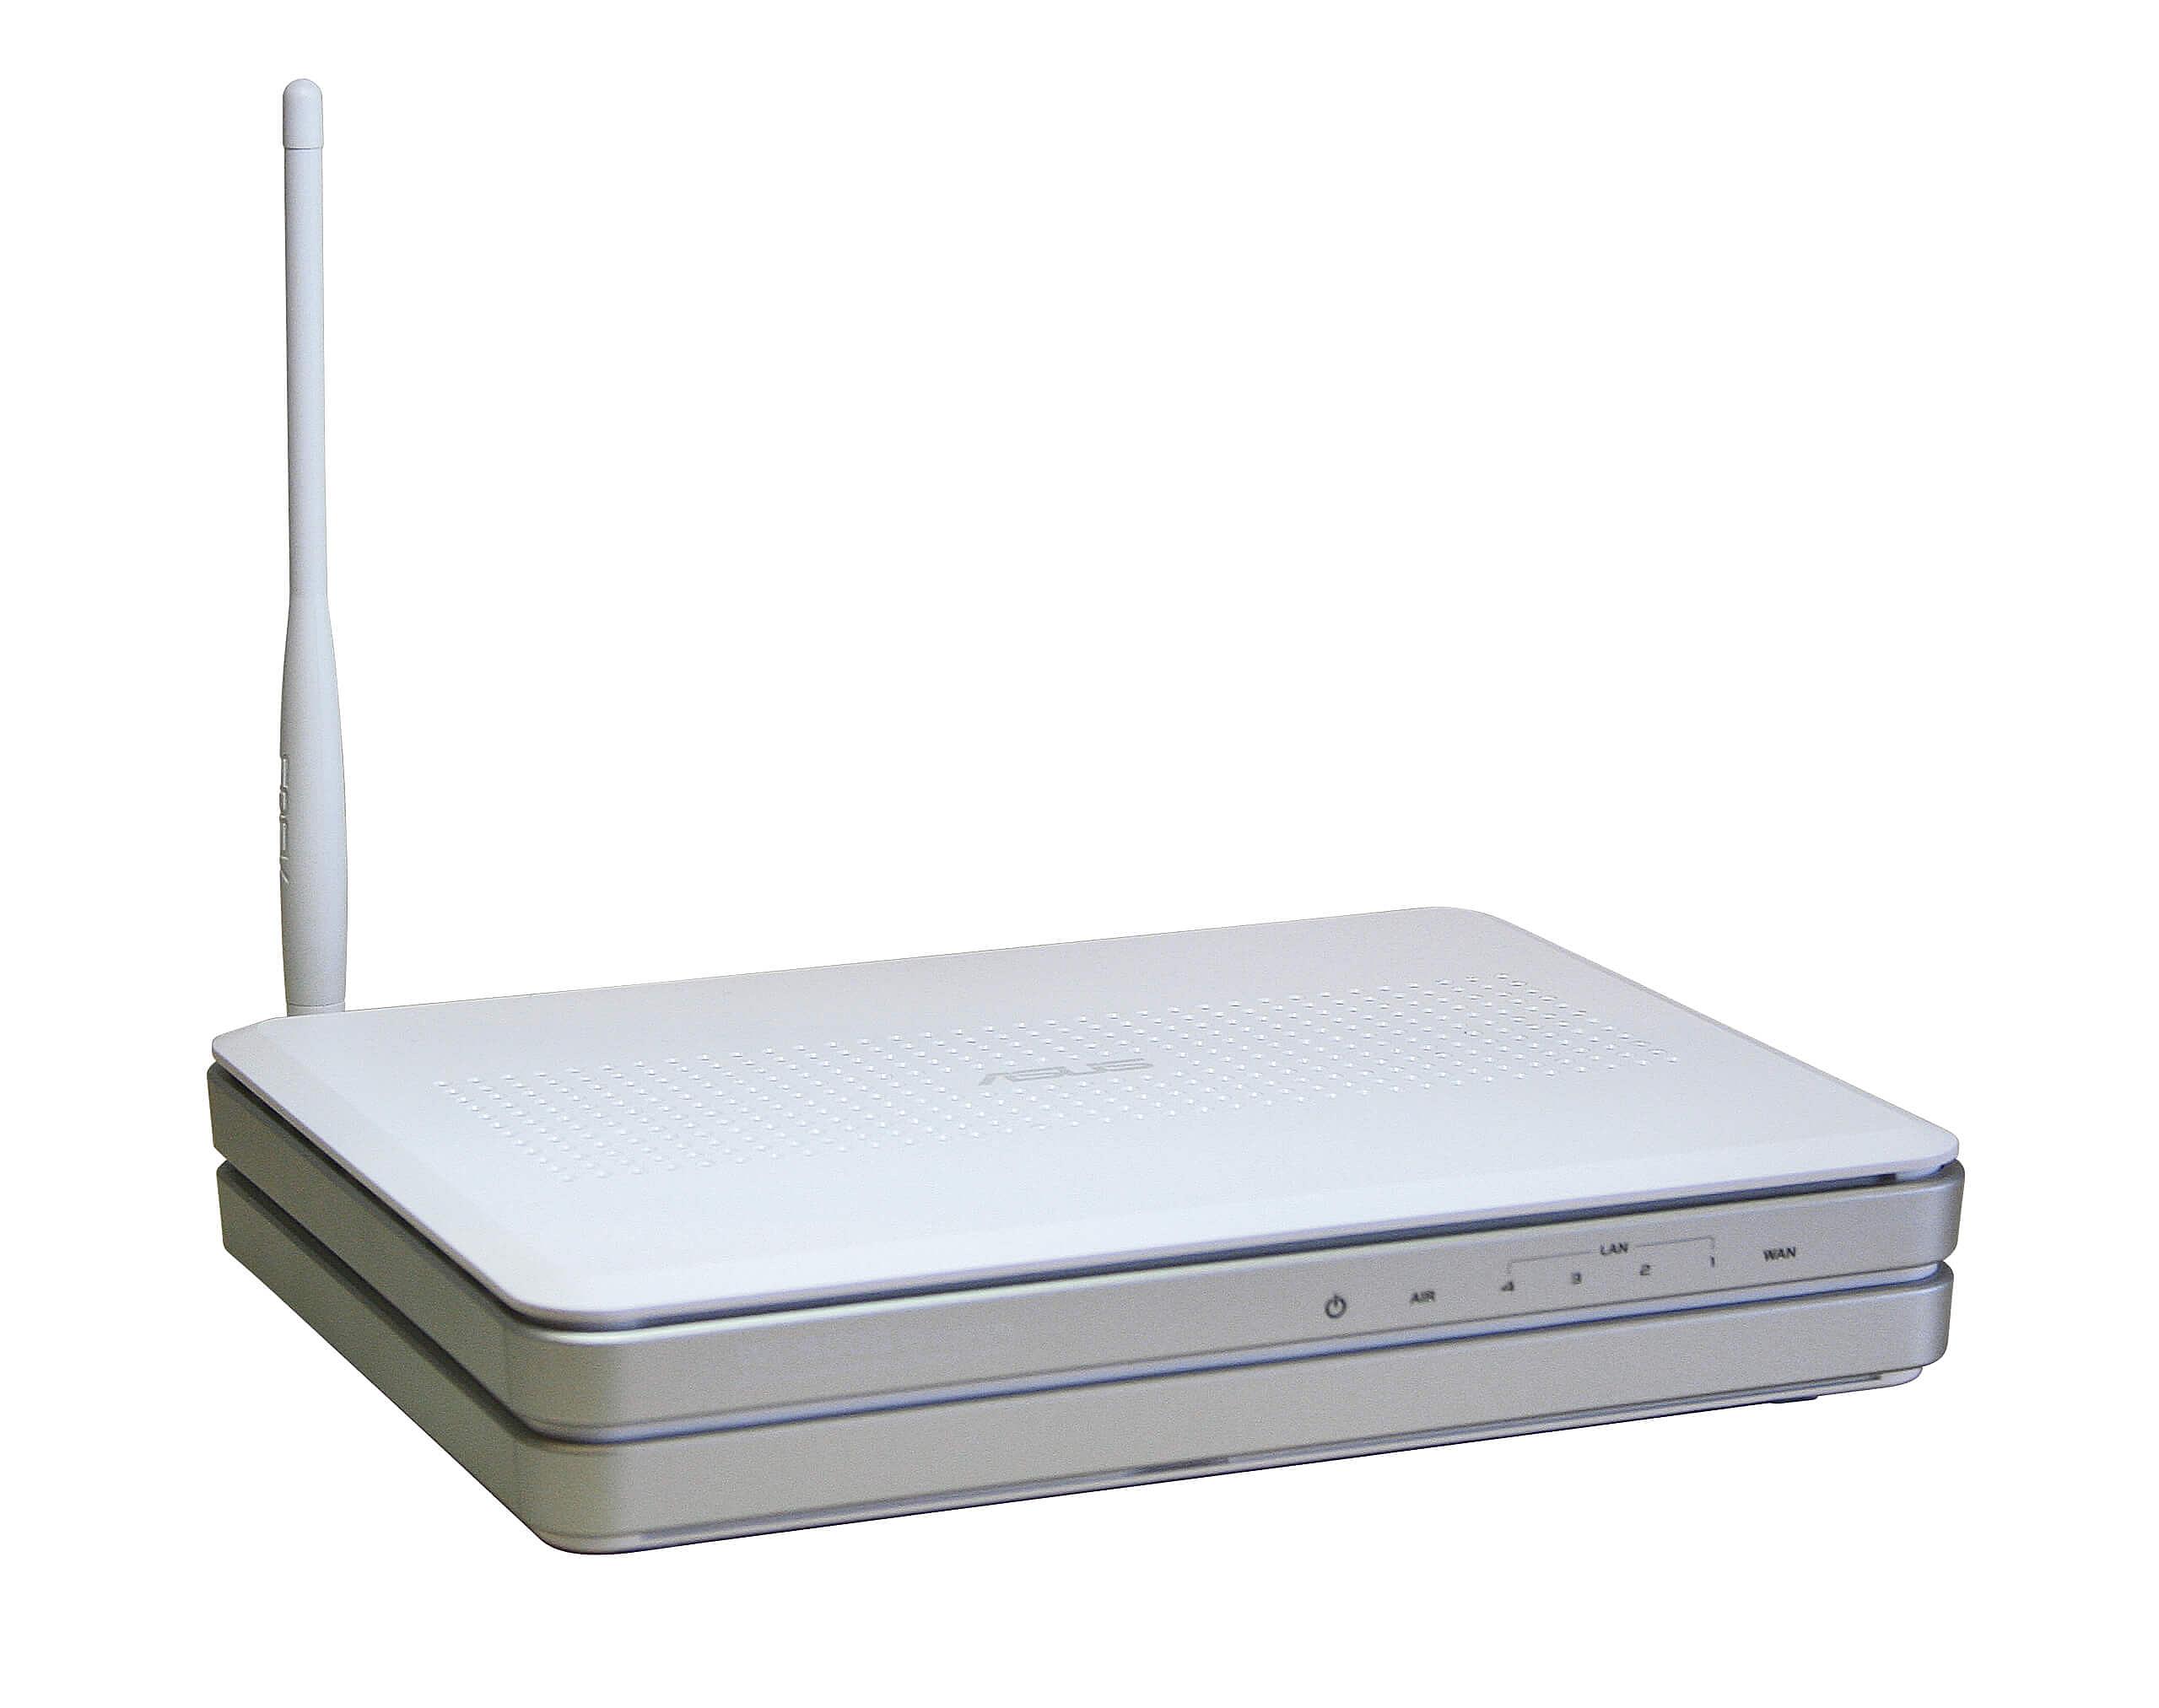 TK RW1 WLAN router for remote display :: Steca Elektronik GmbH ...